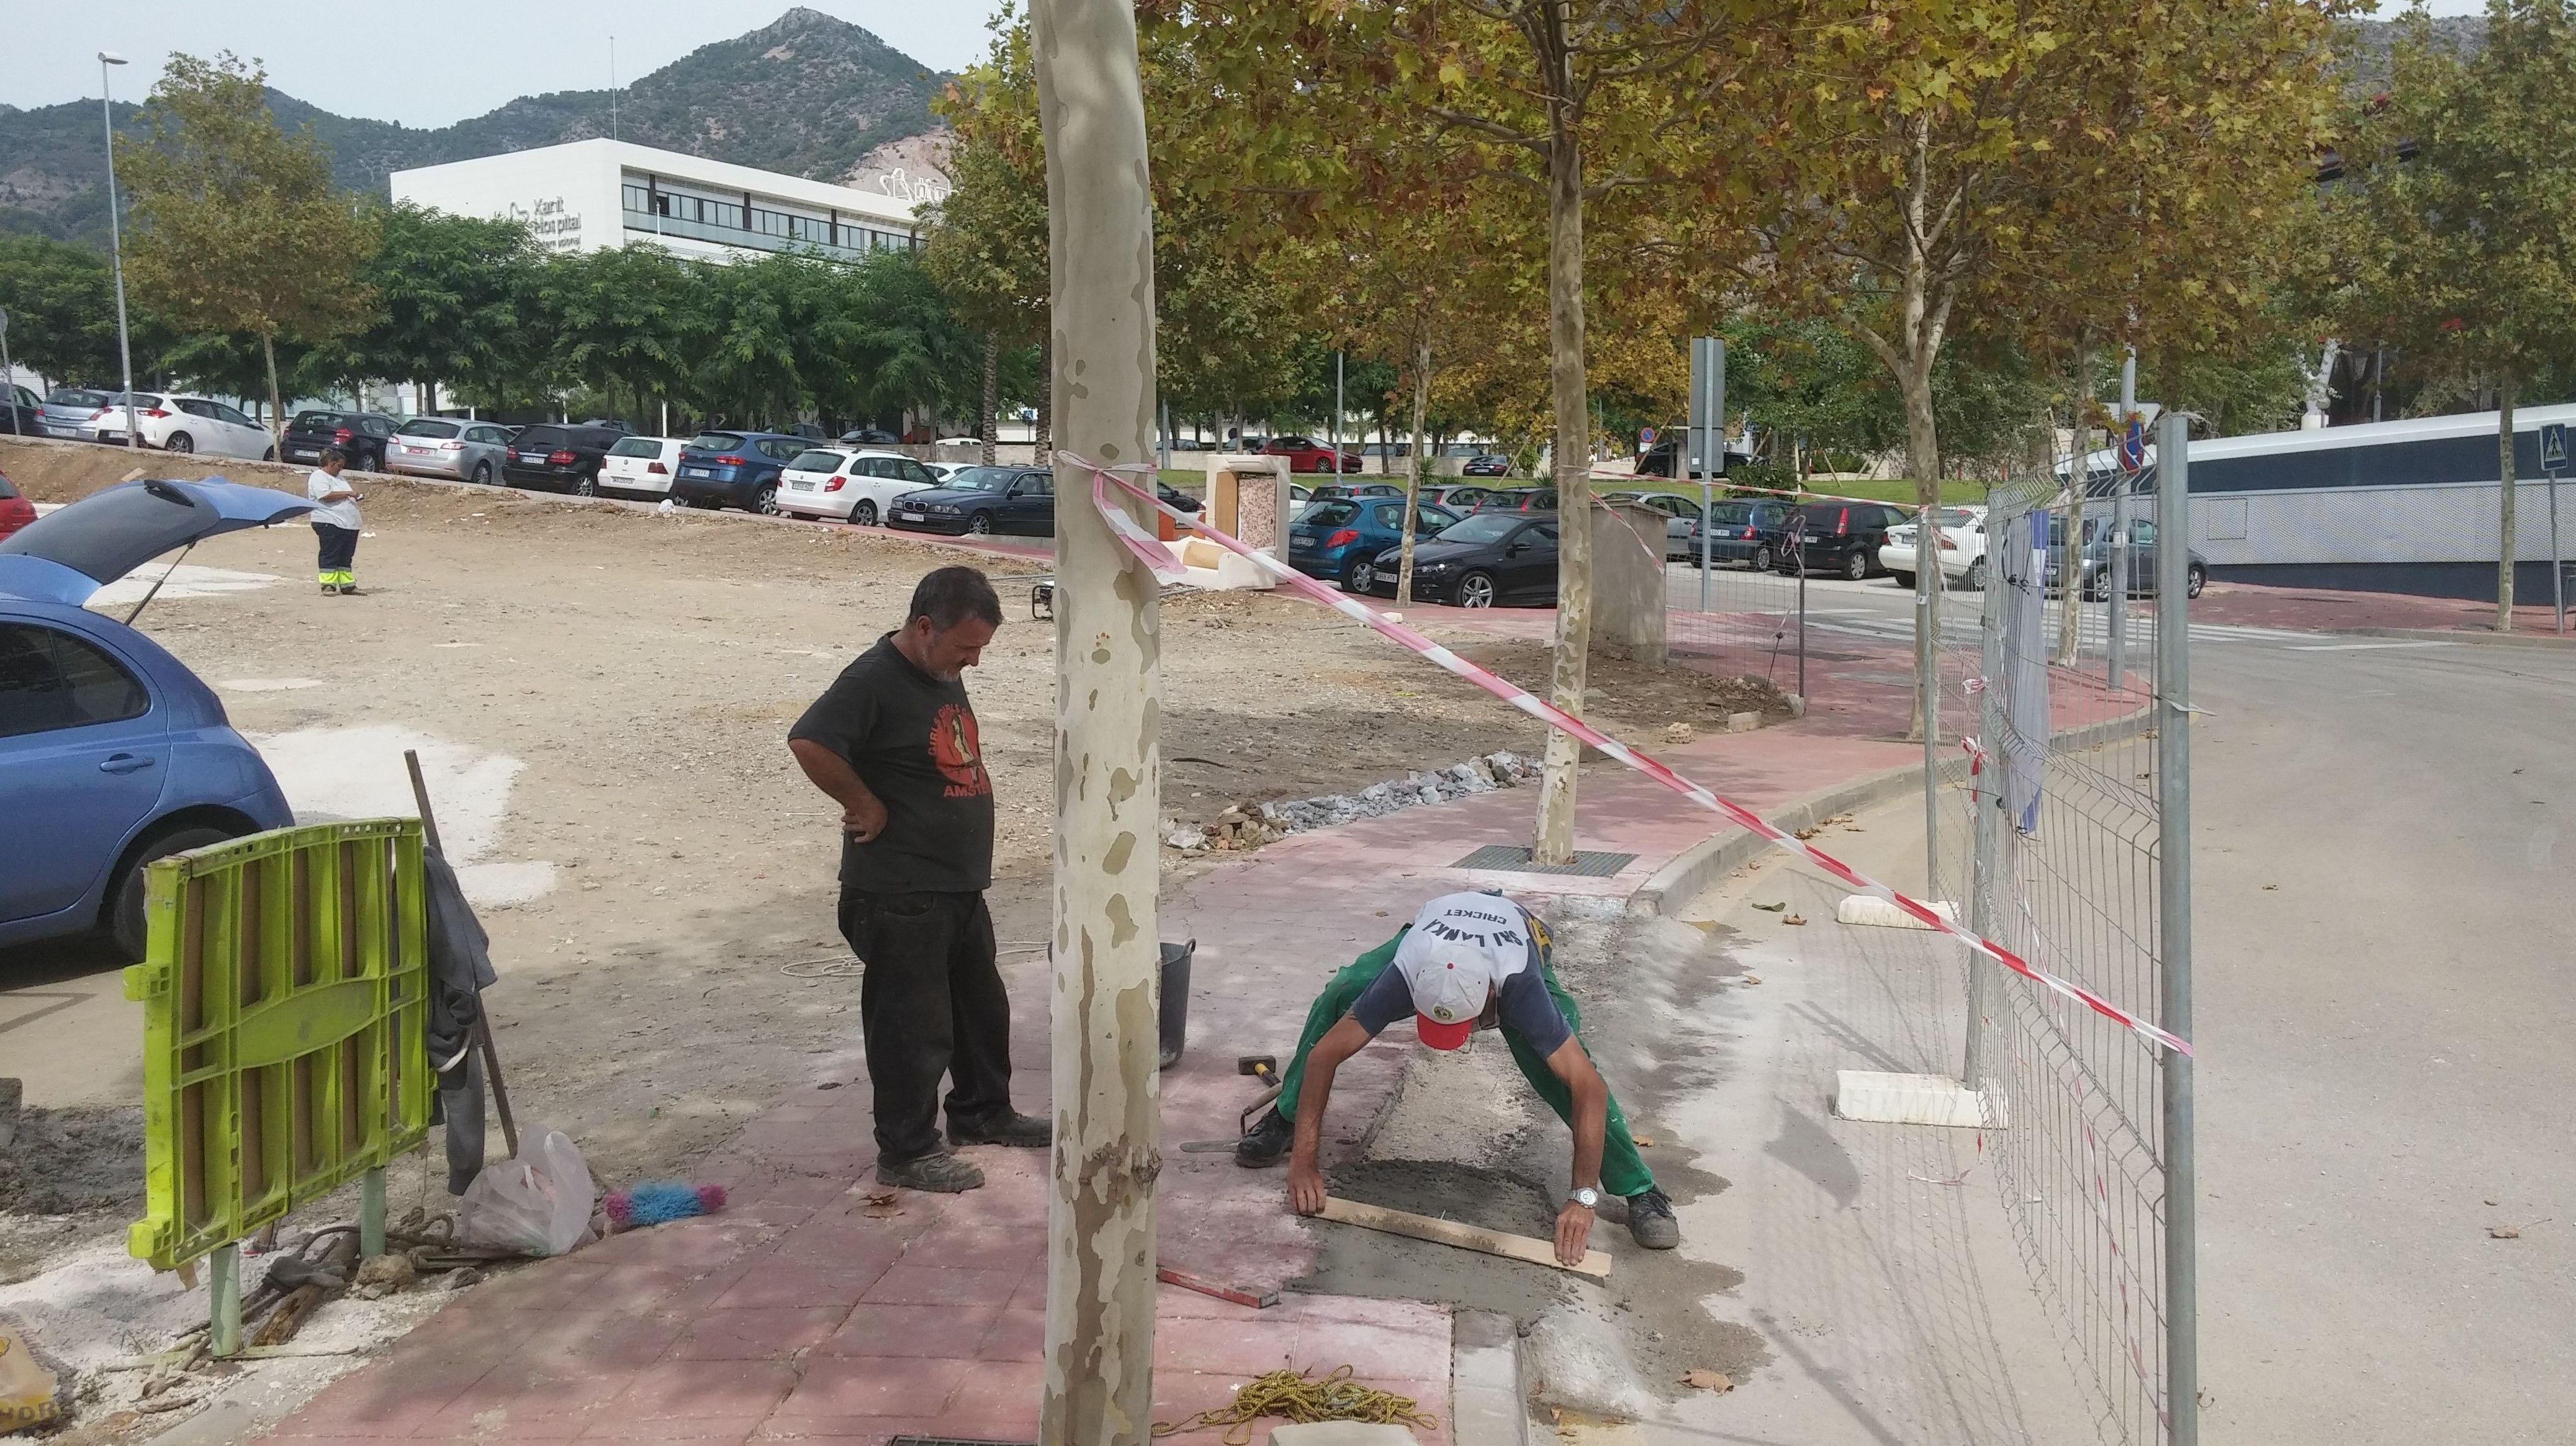 Foto 73 de Asociación de discapacitados en Málaga | Adisma